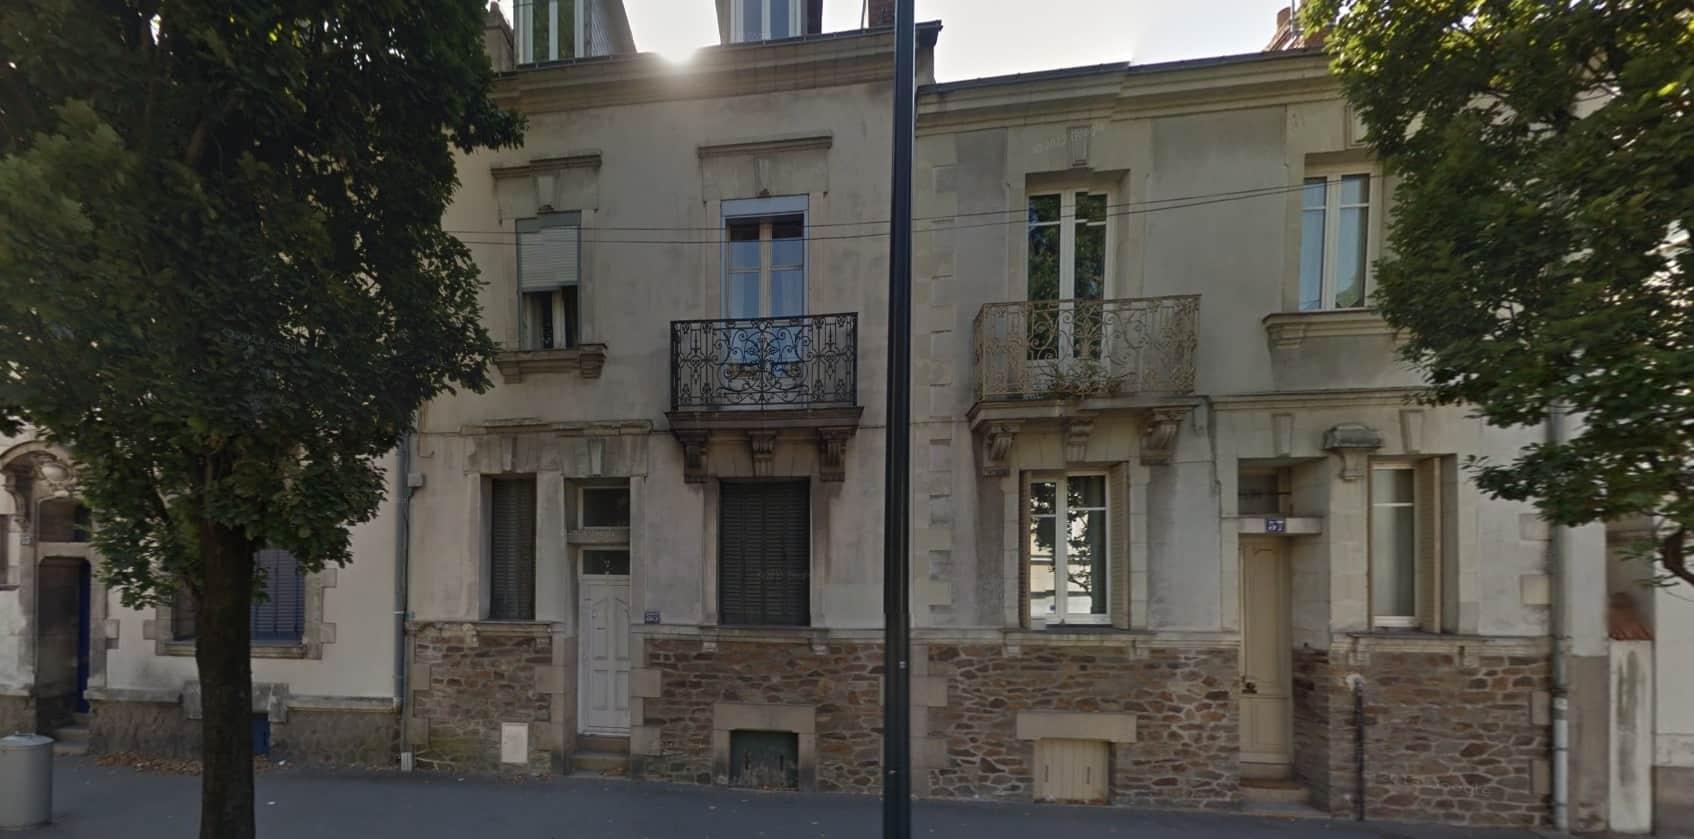 Nantes qui veut acheter la maison des dupont de ligonnes for Acheter des maisons